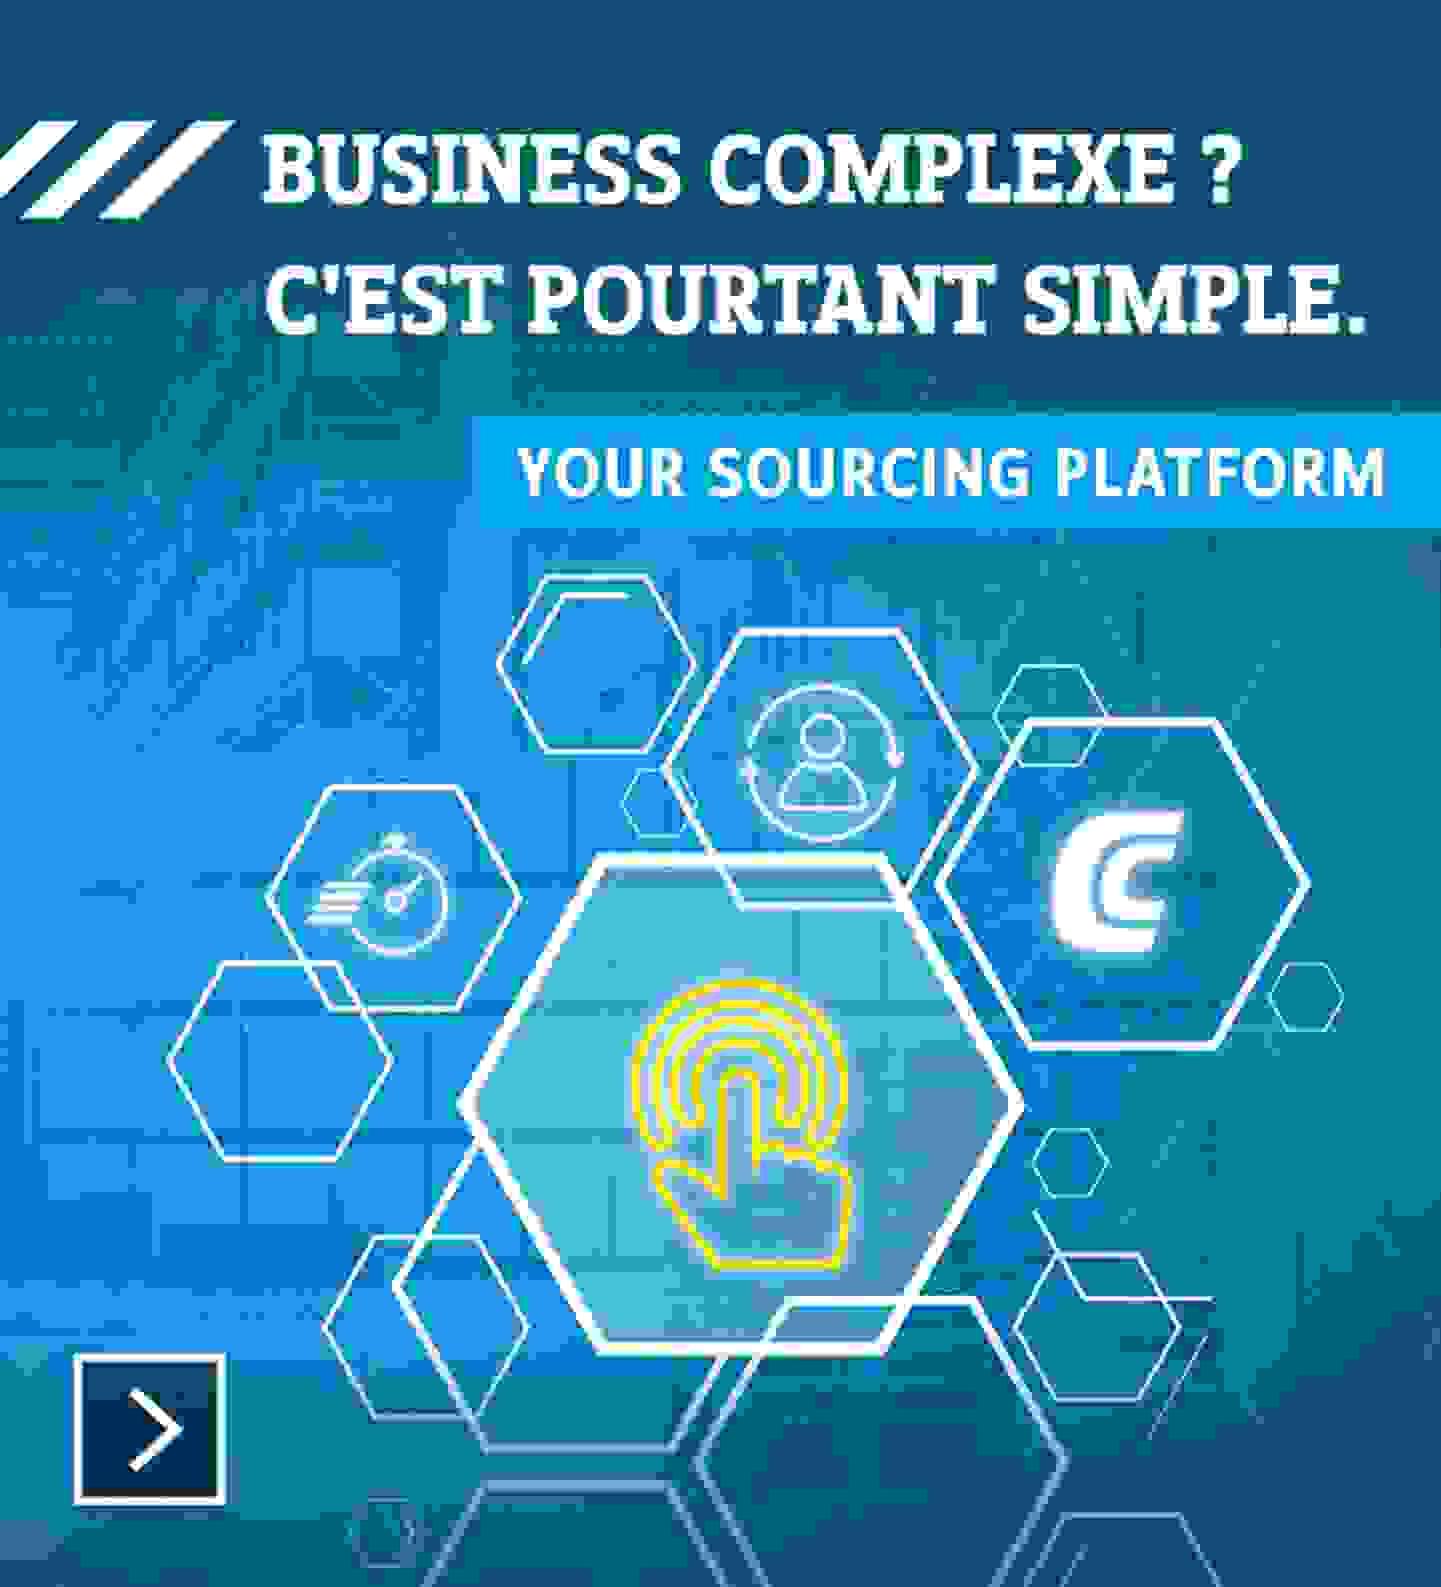 Business complexe ? C'est pourtant simple. Your sourcing platform »